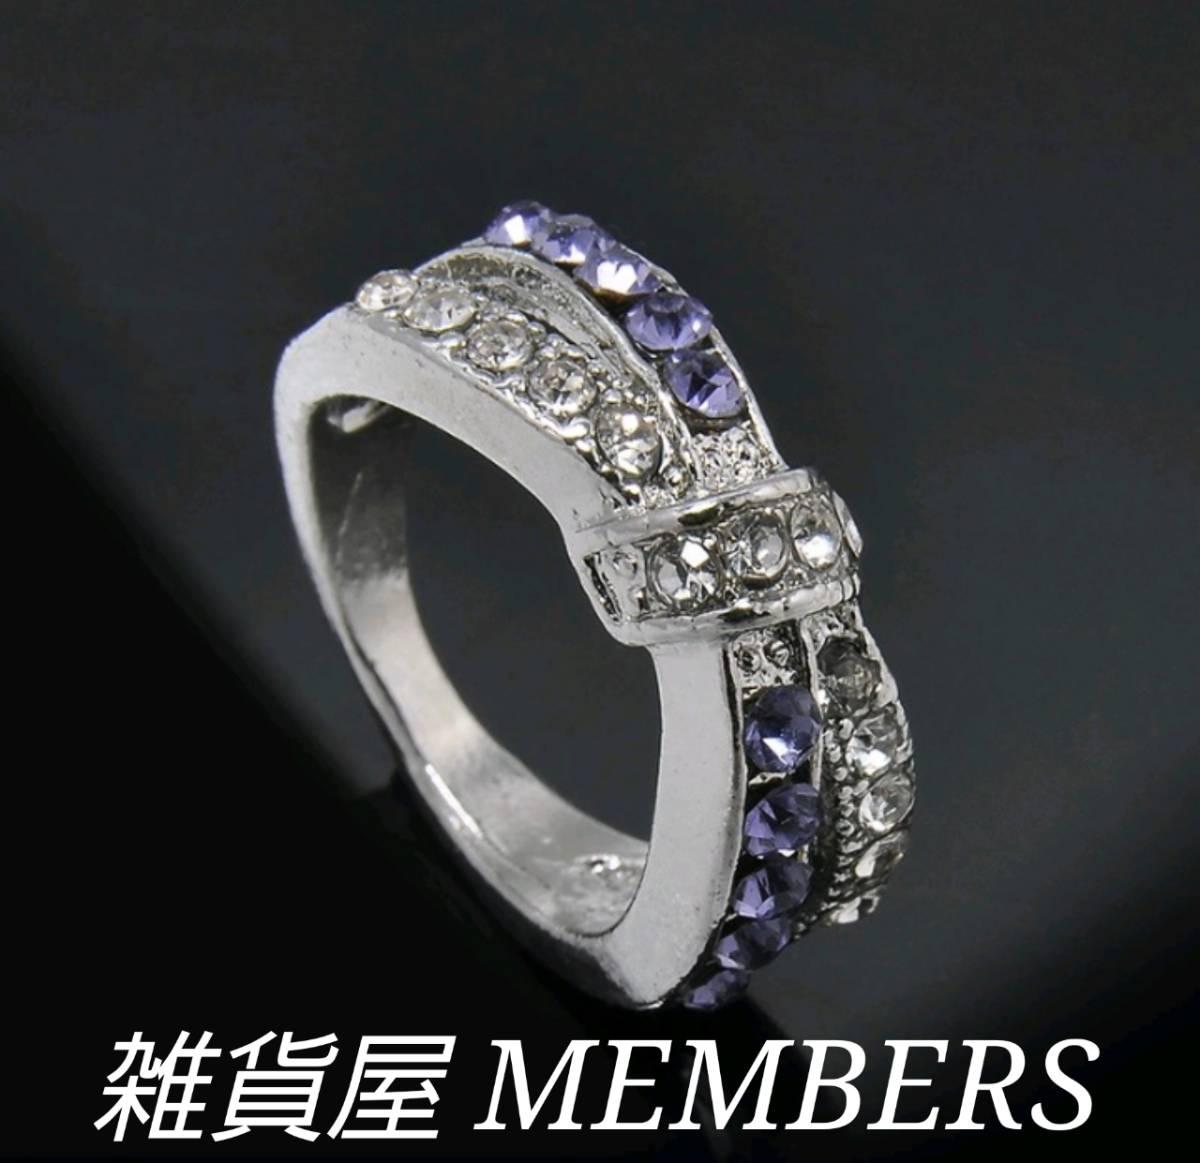 送料無料18号クロムシルバーアメジストクリアスーパーCZダイヤモンドデザイナーズジュエリーインフィニティリング指輪値下げ残りわずか_画像1